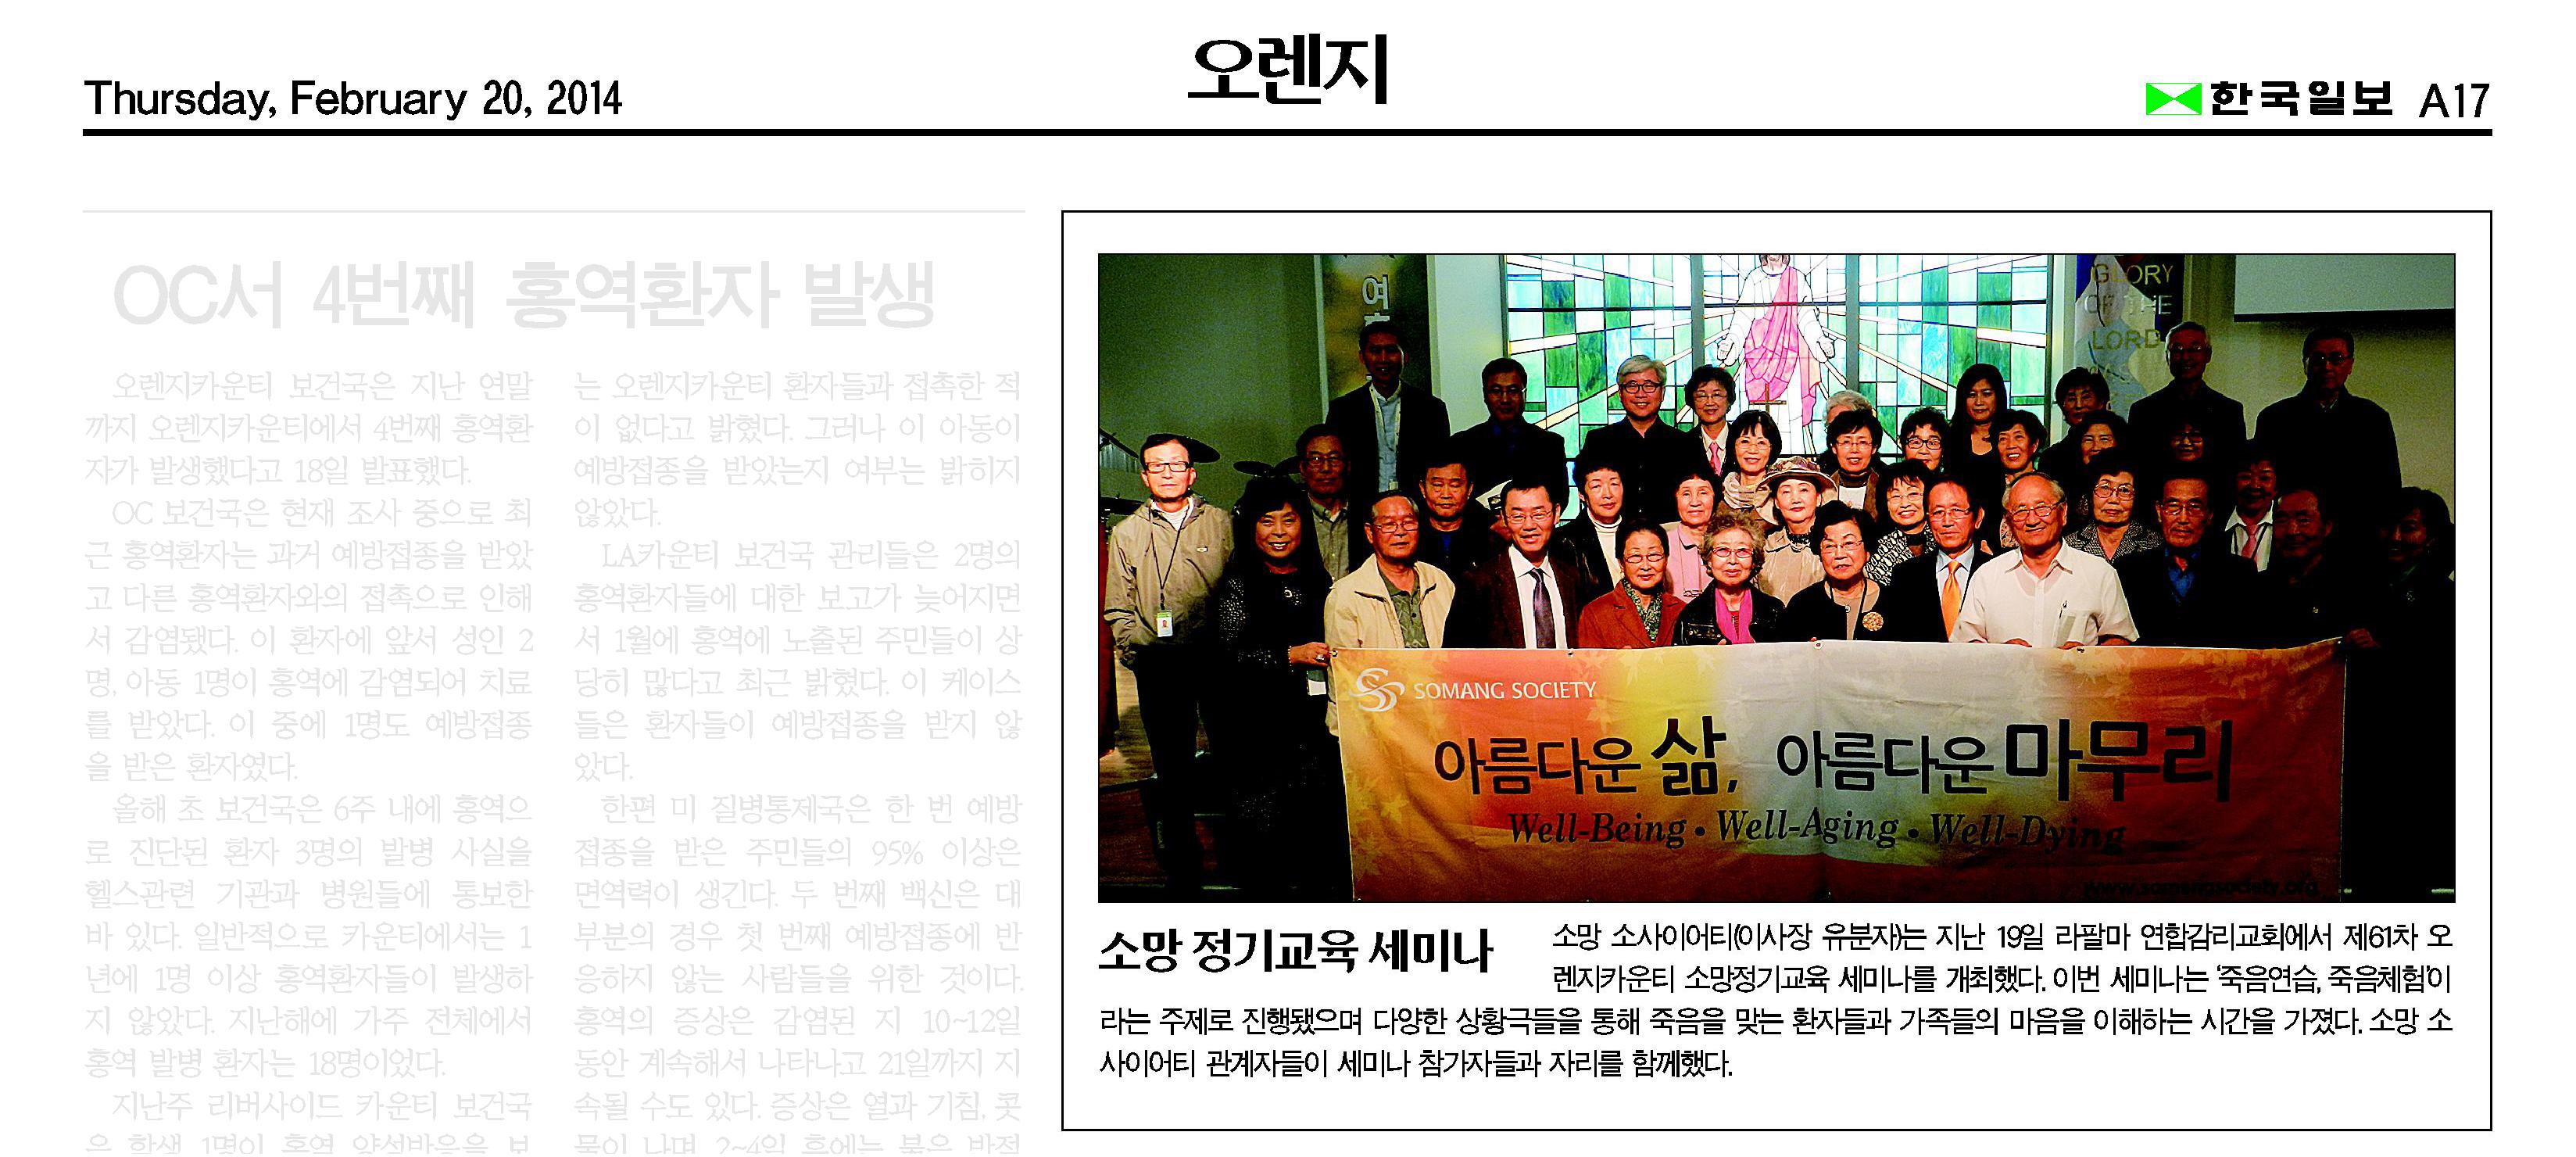 """""""소망 정기교육 세미나"""" 2014년 2월 20일 한국일보"""